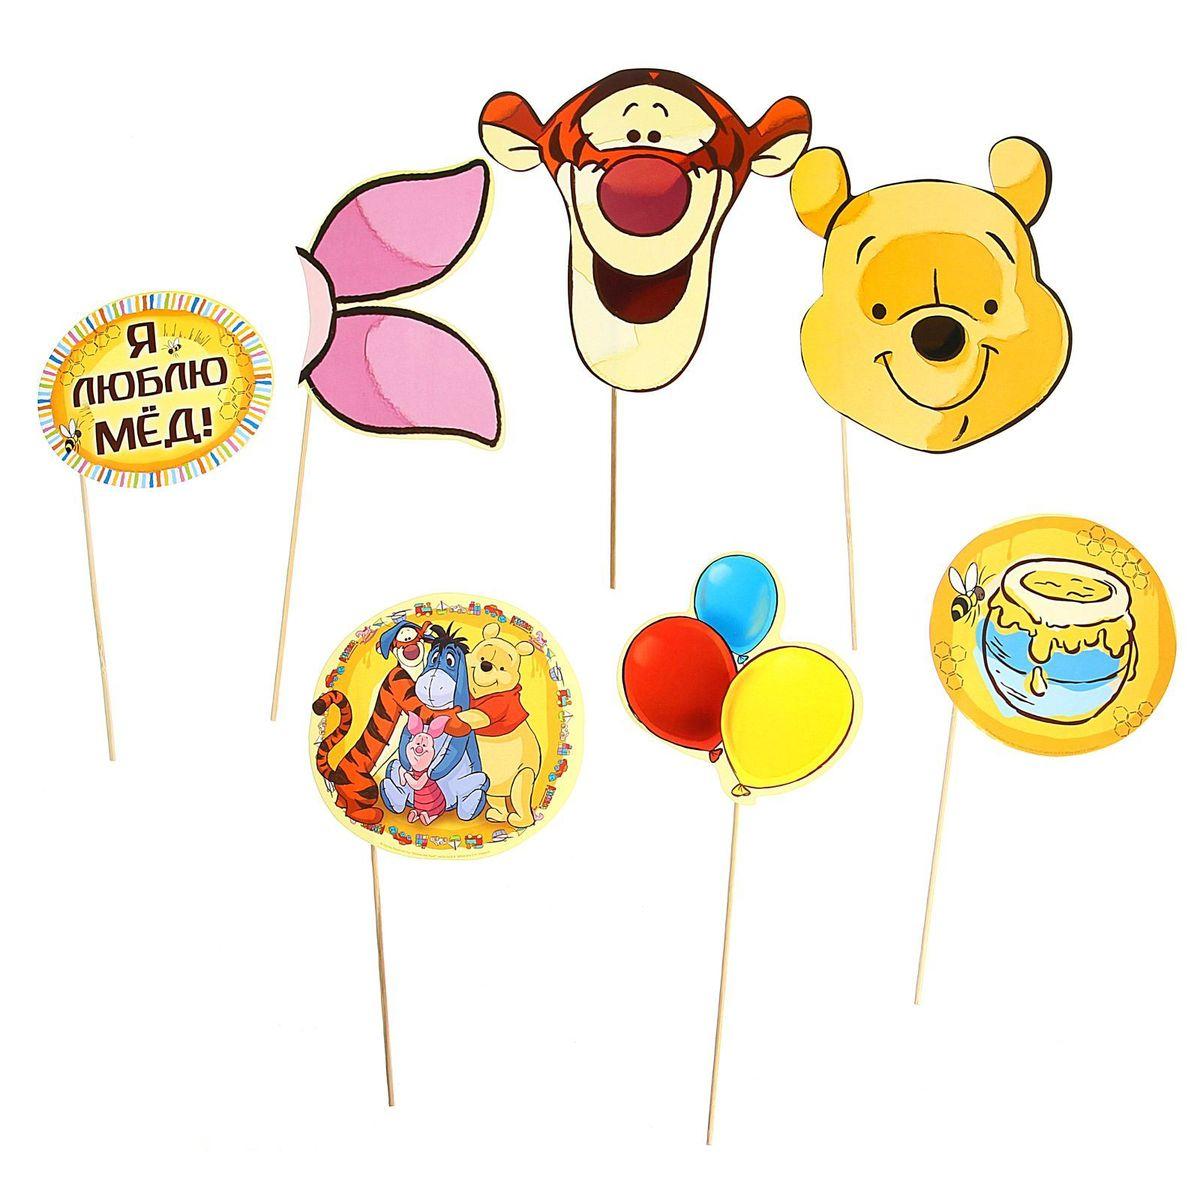 Набор фотобутафории Disney Медвежонок Винни и его друзья, 7 предметов фотоальбомы disney памятный набор для новорождённых